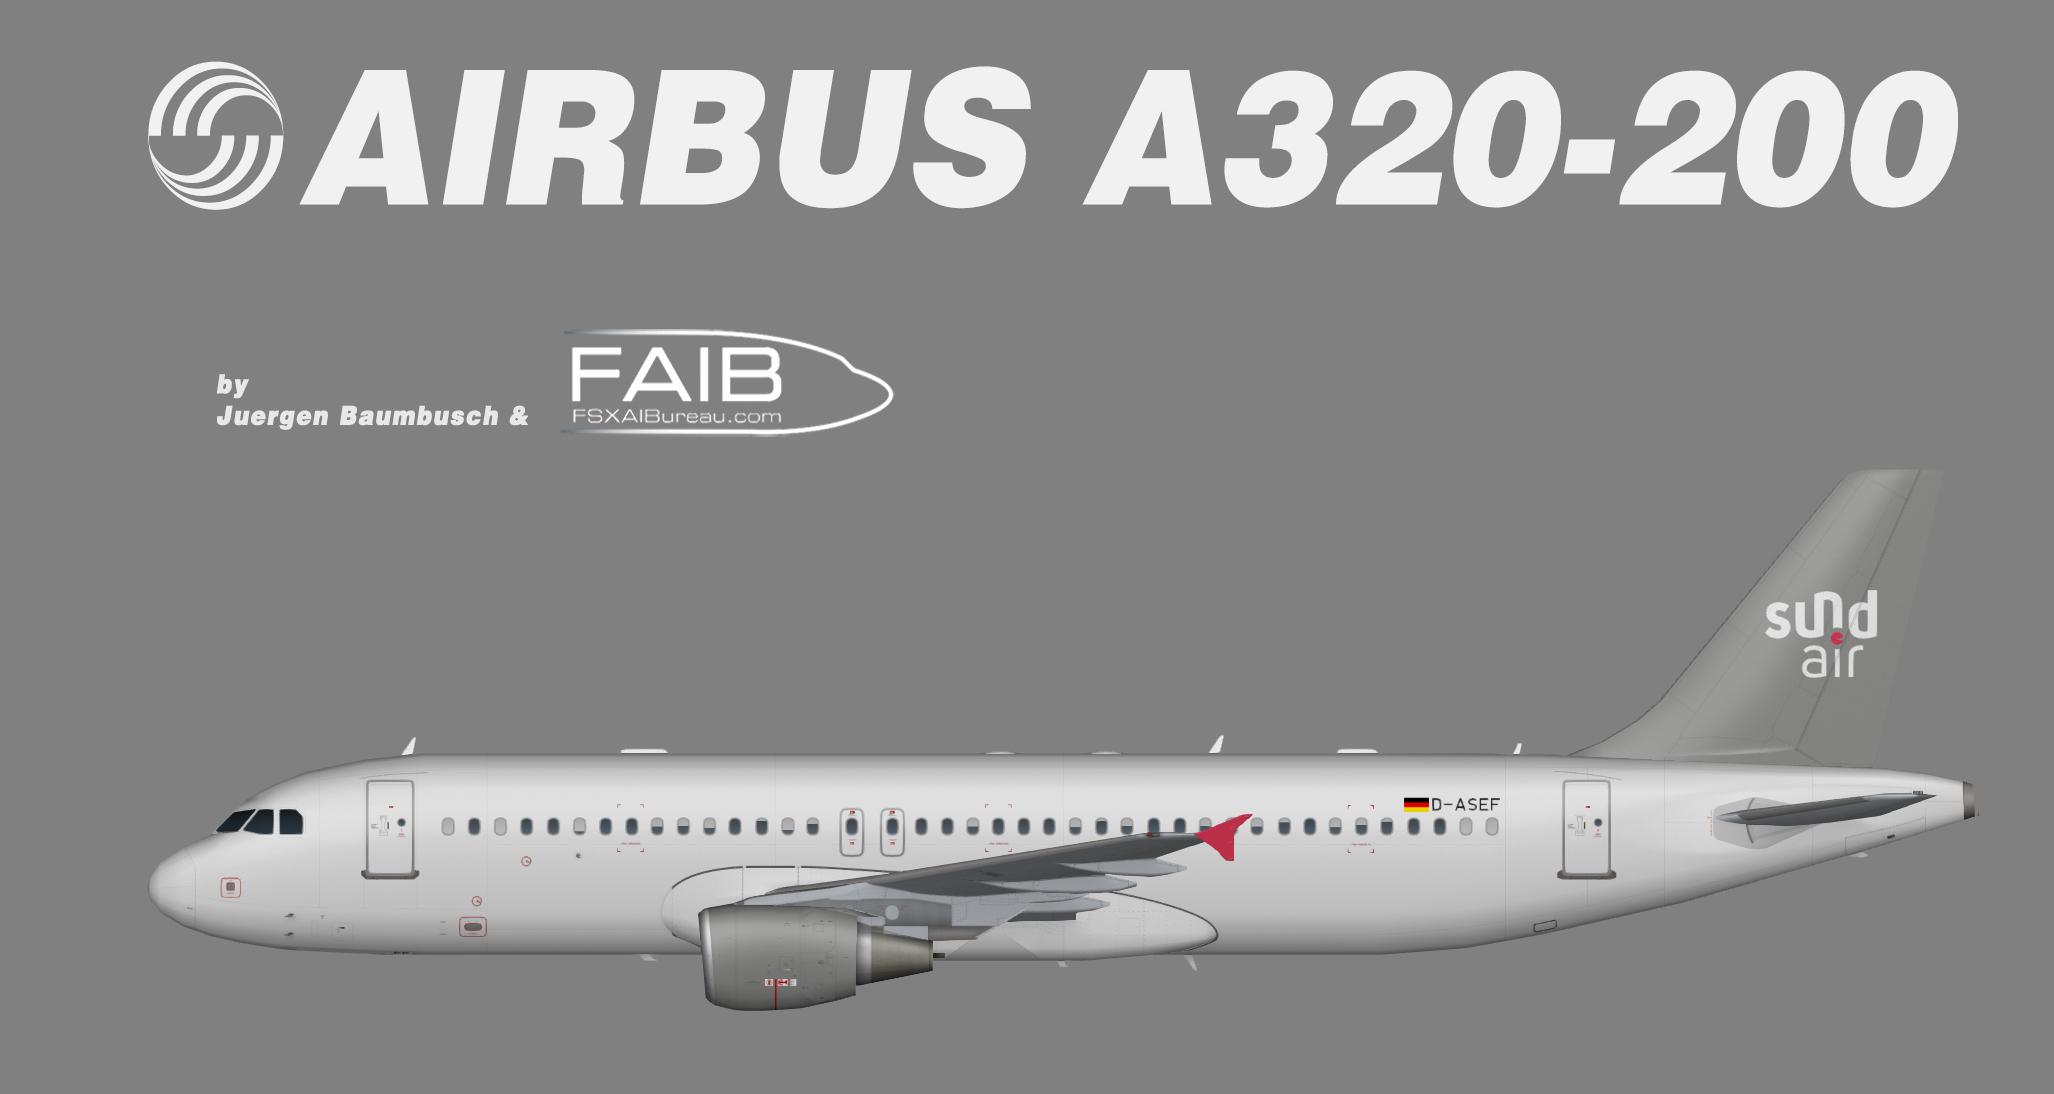 SundAir Airbus A320-200